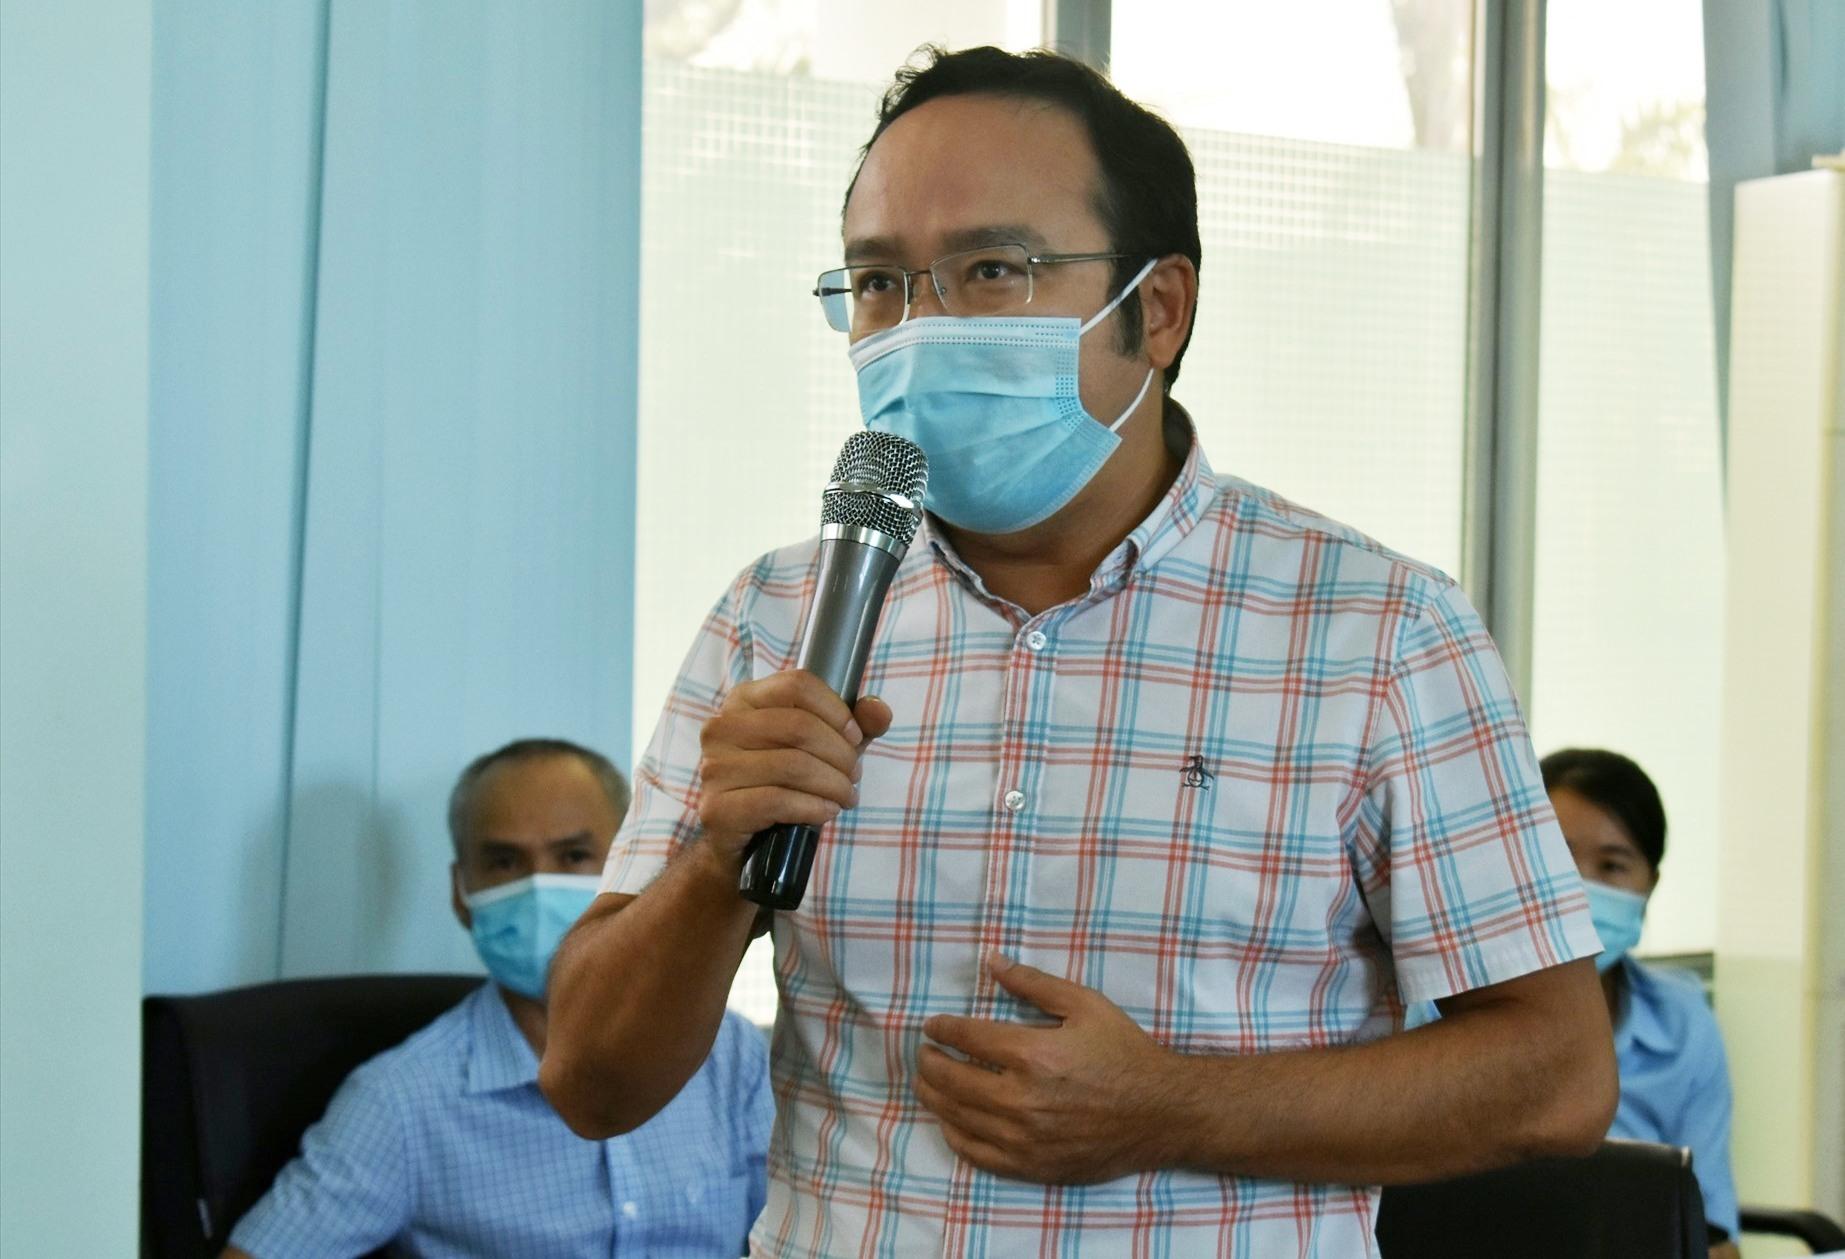 Doanh nghiệp kiến nghị xem xét cho phép một số lao động quản lý ở Đà Nẵng làm việc tại KCN Điện Nam - Điện Ngọc đi về trong ngày